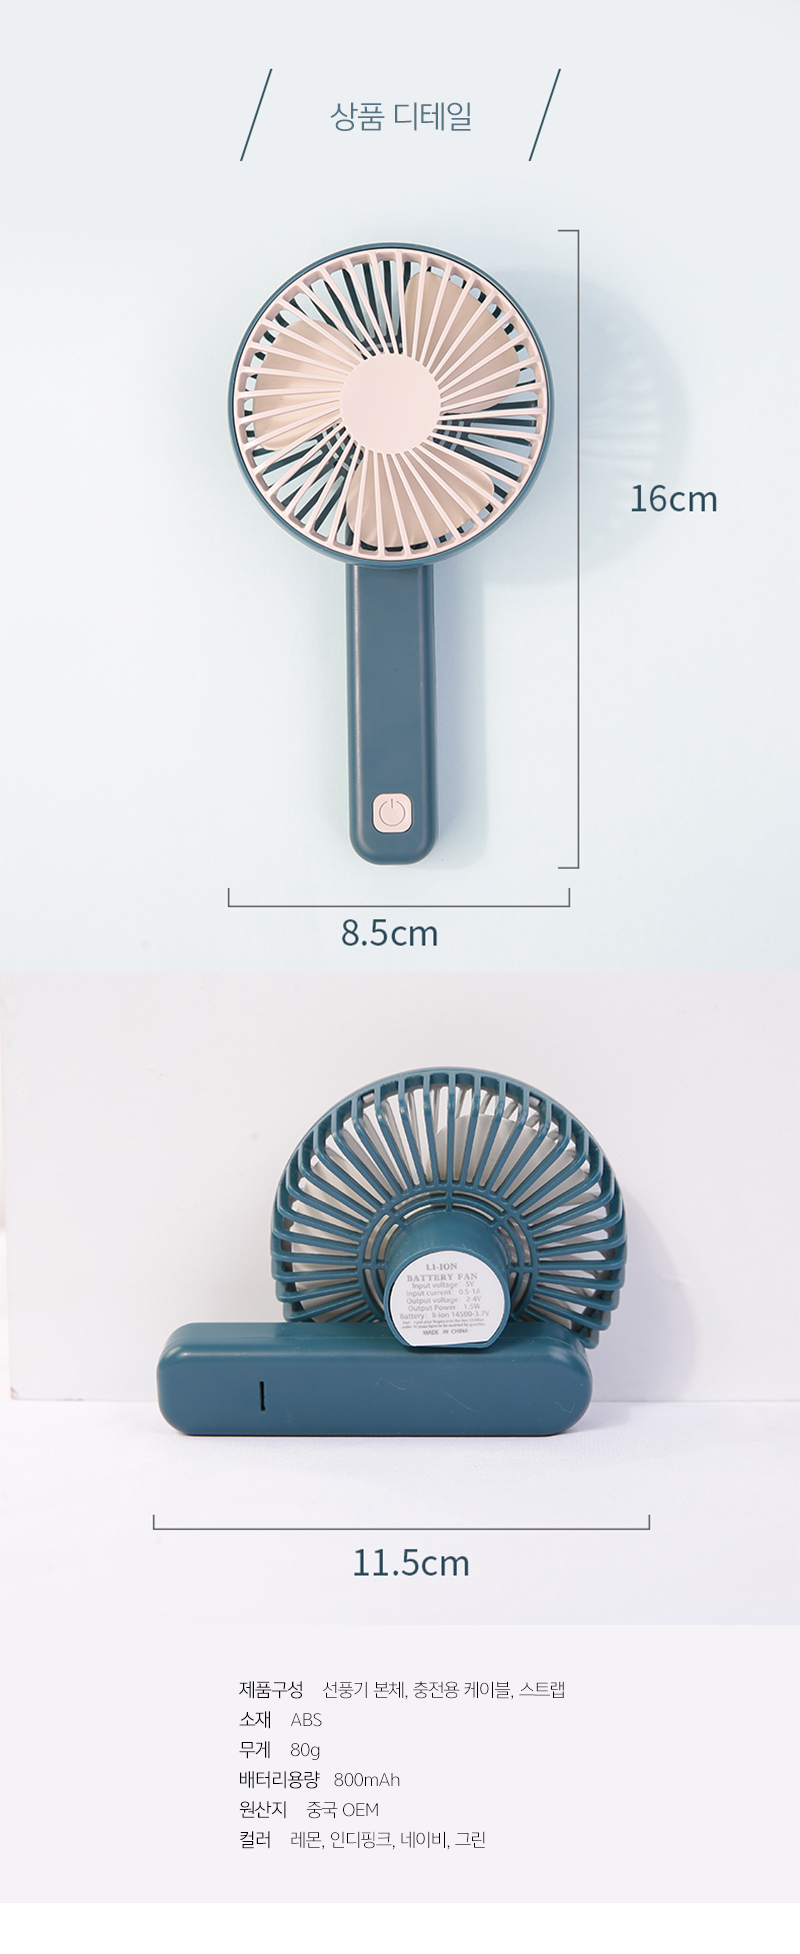 링고 컴팩트 폴딩 손 선풍기12,500원-낭만스튜디오디지털, USB/저장장치, USB 계절가전, 선풍기바보사랑링고 컴팩트 폴딩 손 선풍기12,500원-낭만스튜디오디지털, USB/저장장치, USB 계절가전, 선풍기바보사랑